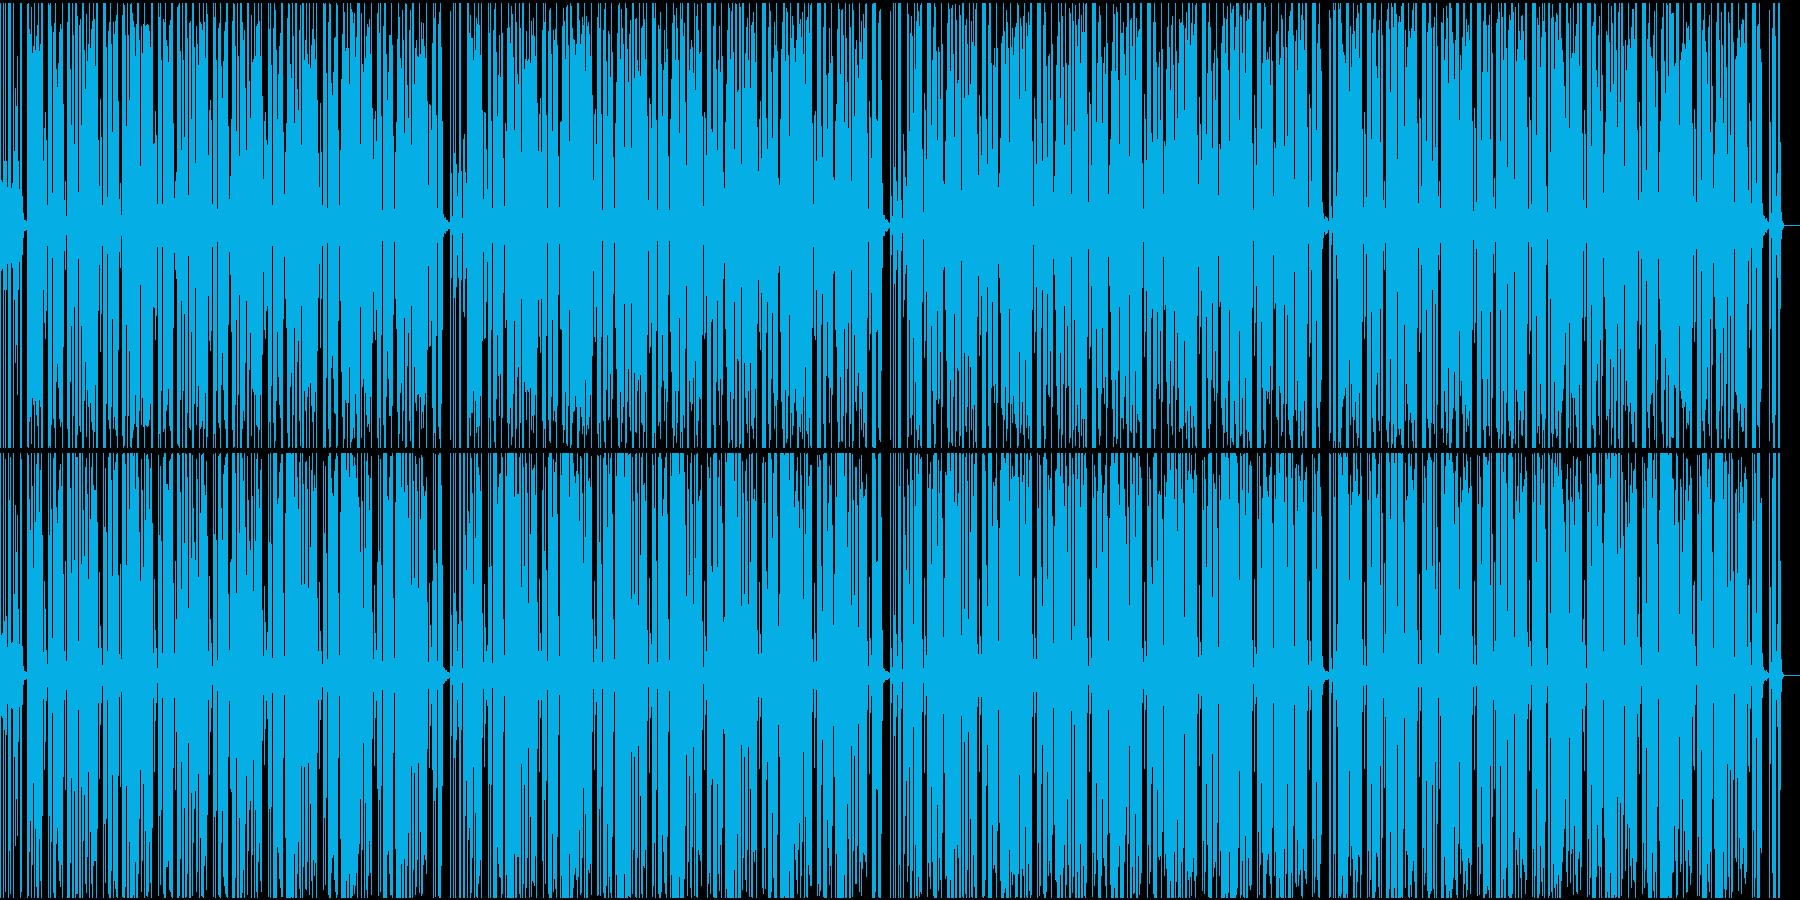 オールドクラシックなファンクの再生済みの波形